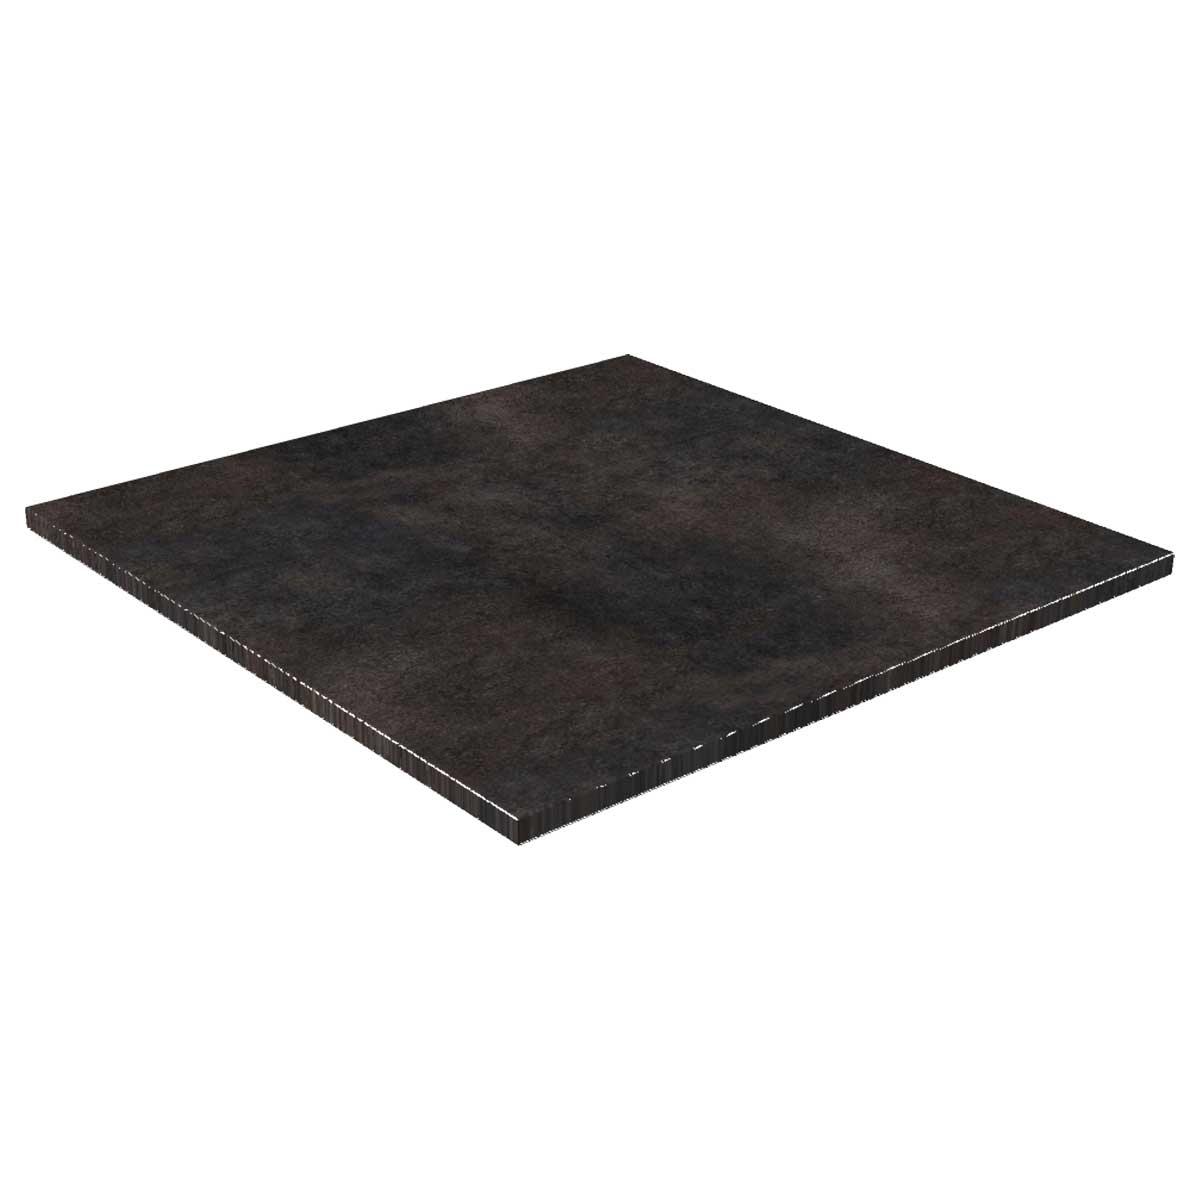 TICAM Q70 3279 - https://www.werzalit.com/fr/produit/plateau-de-table-cambium-q-70x70cm-epaisseur-de-panneau-29cm-decor-cologne/